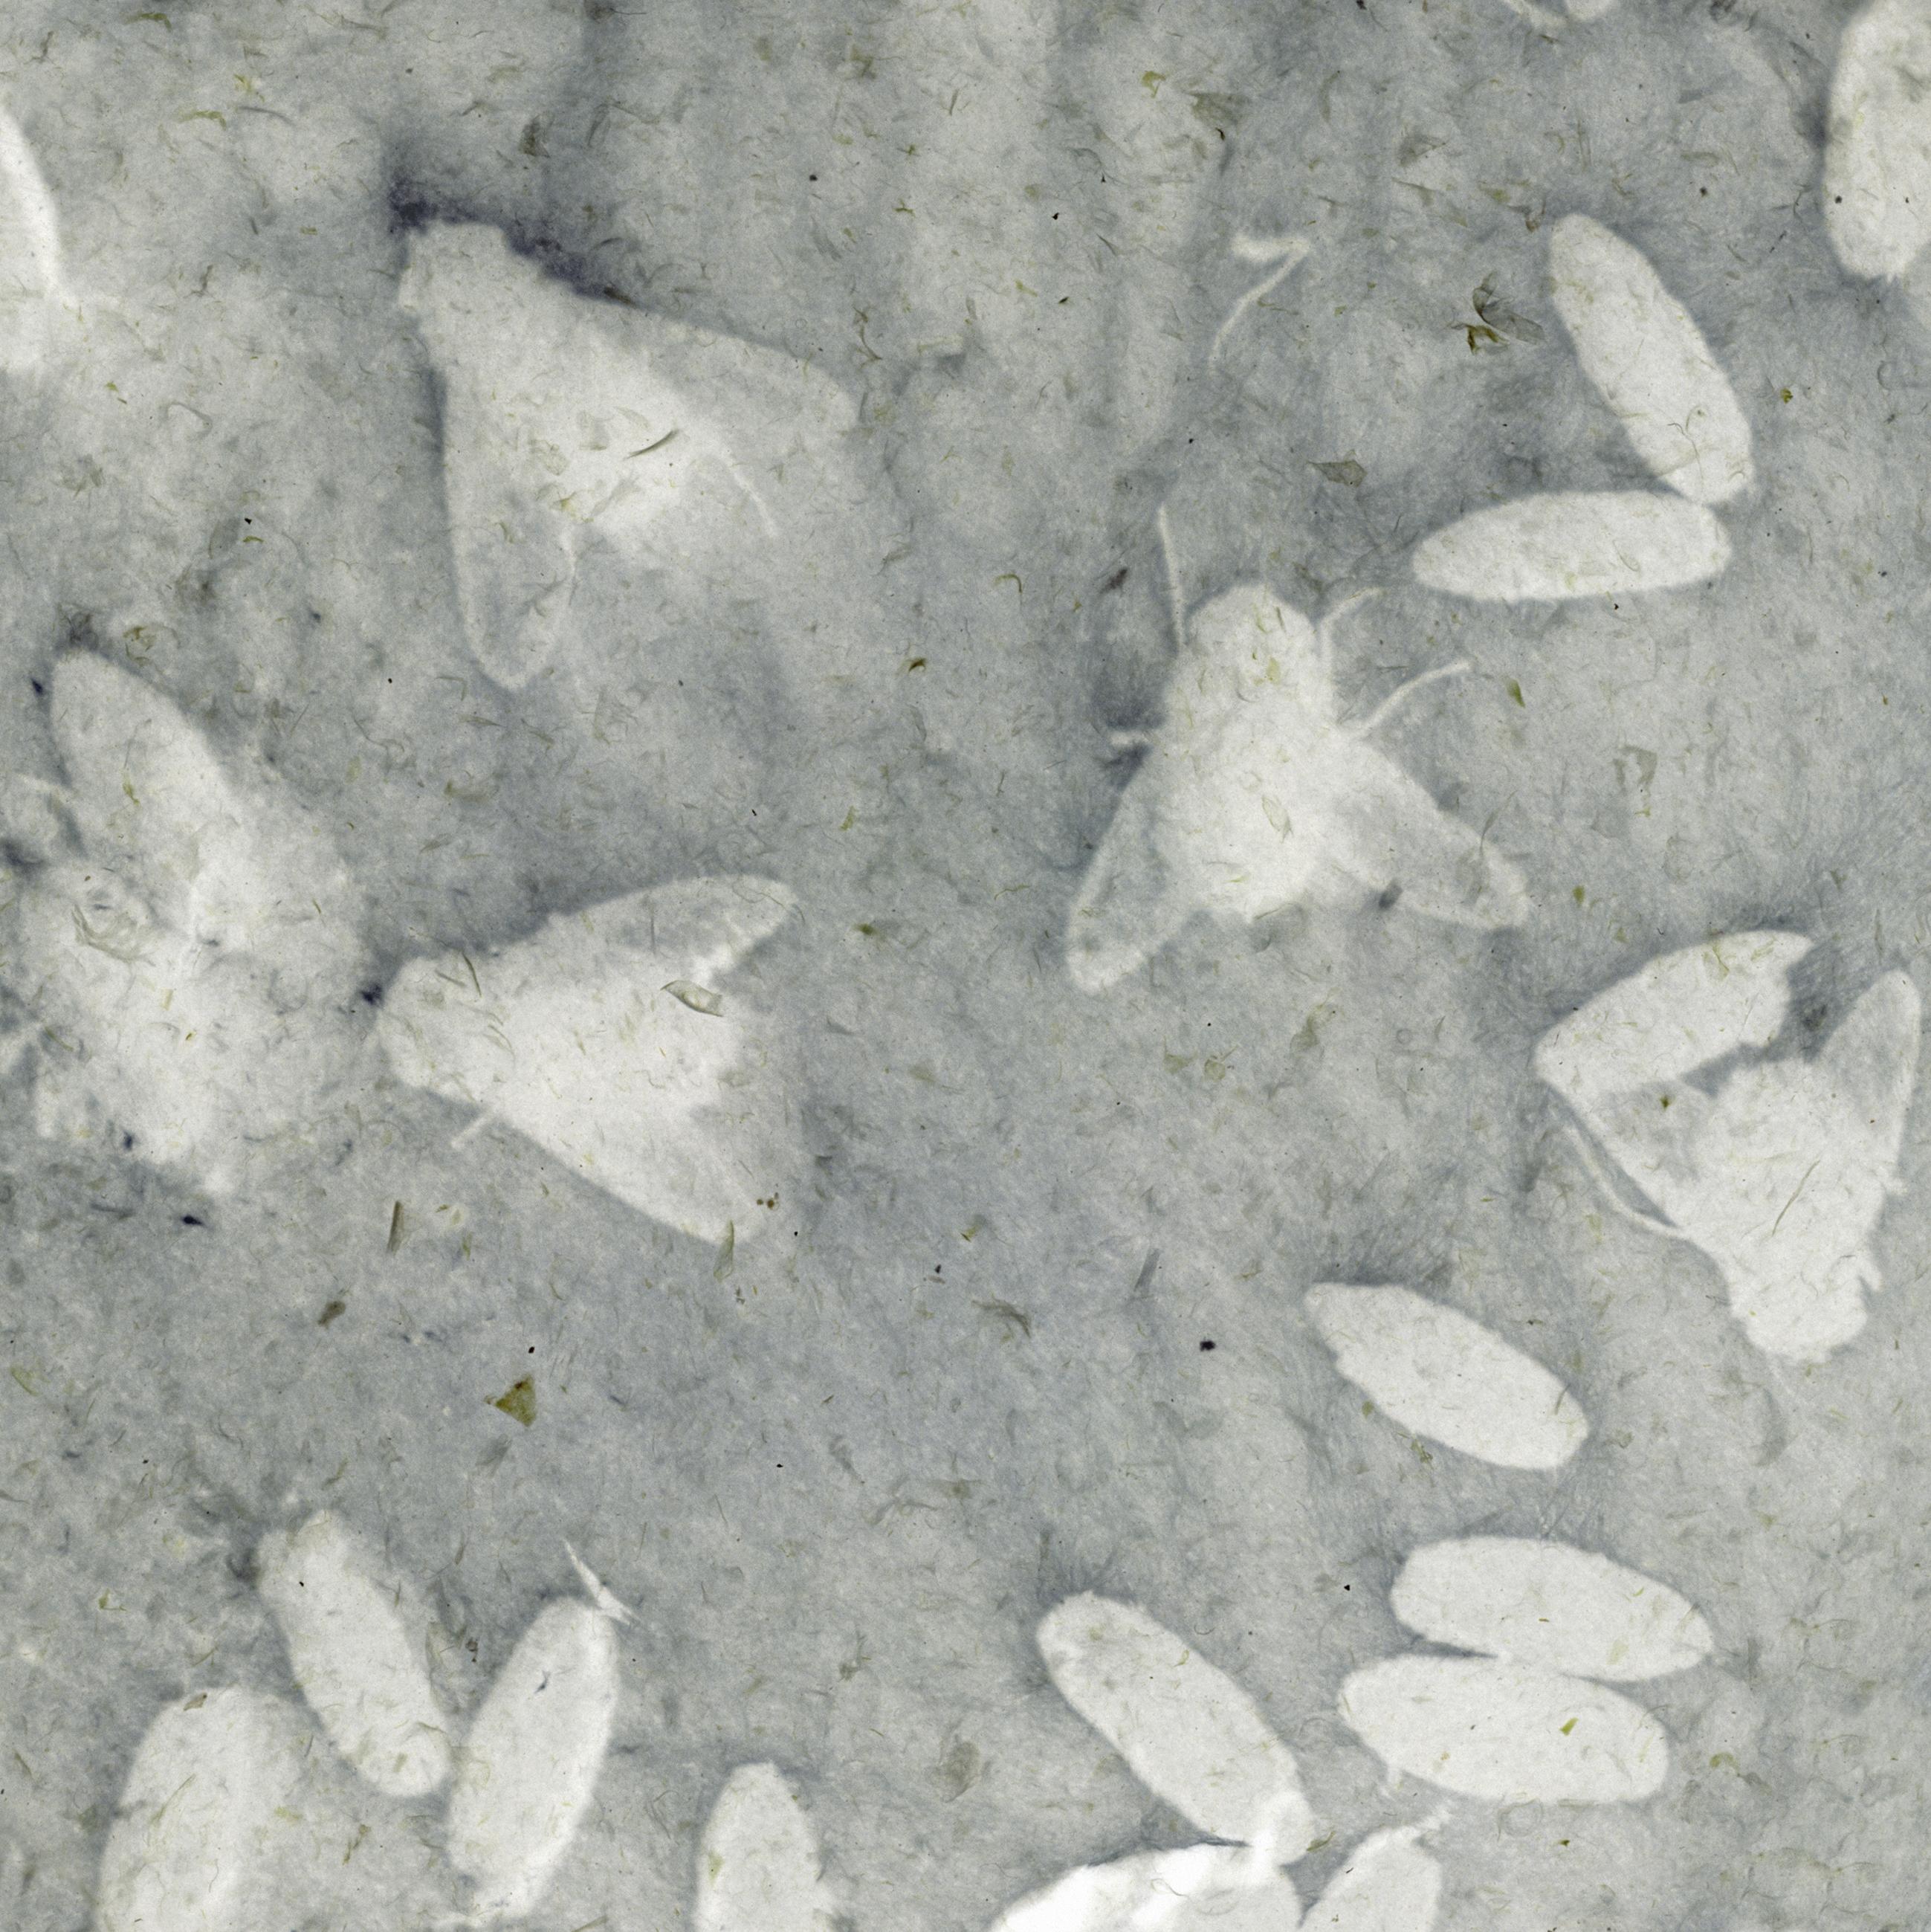 3_Lissel_Bakterium-Vanitas_Fliegen